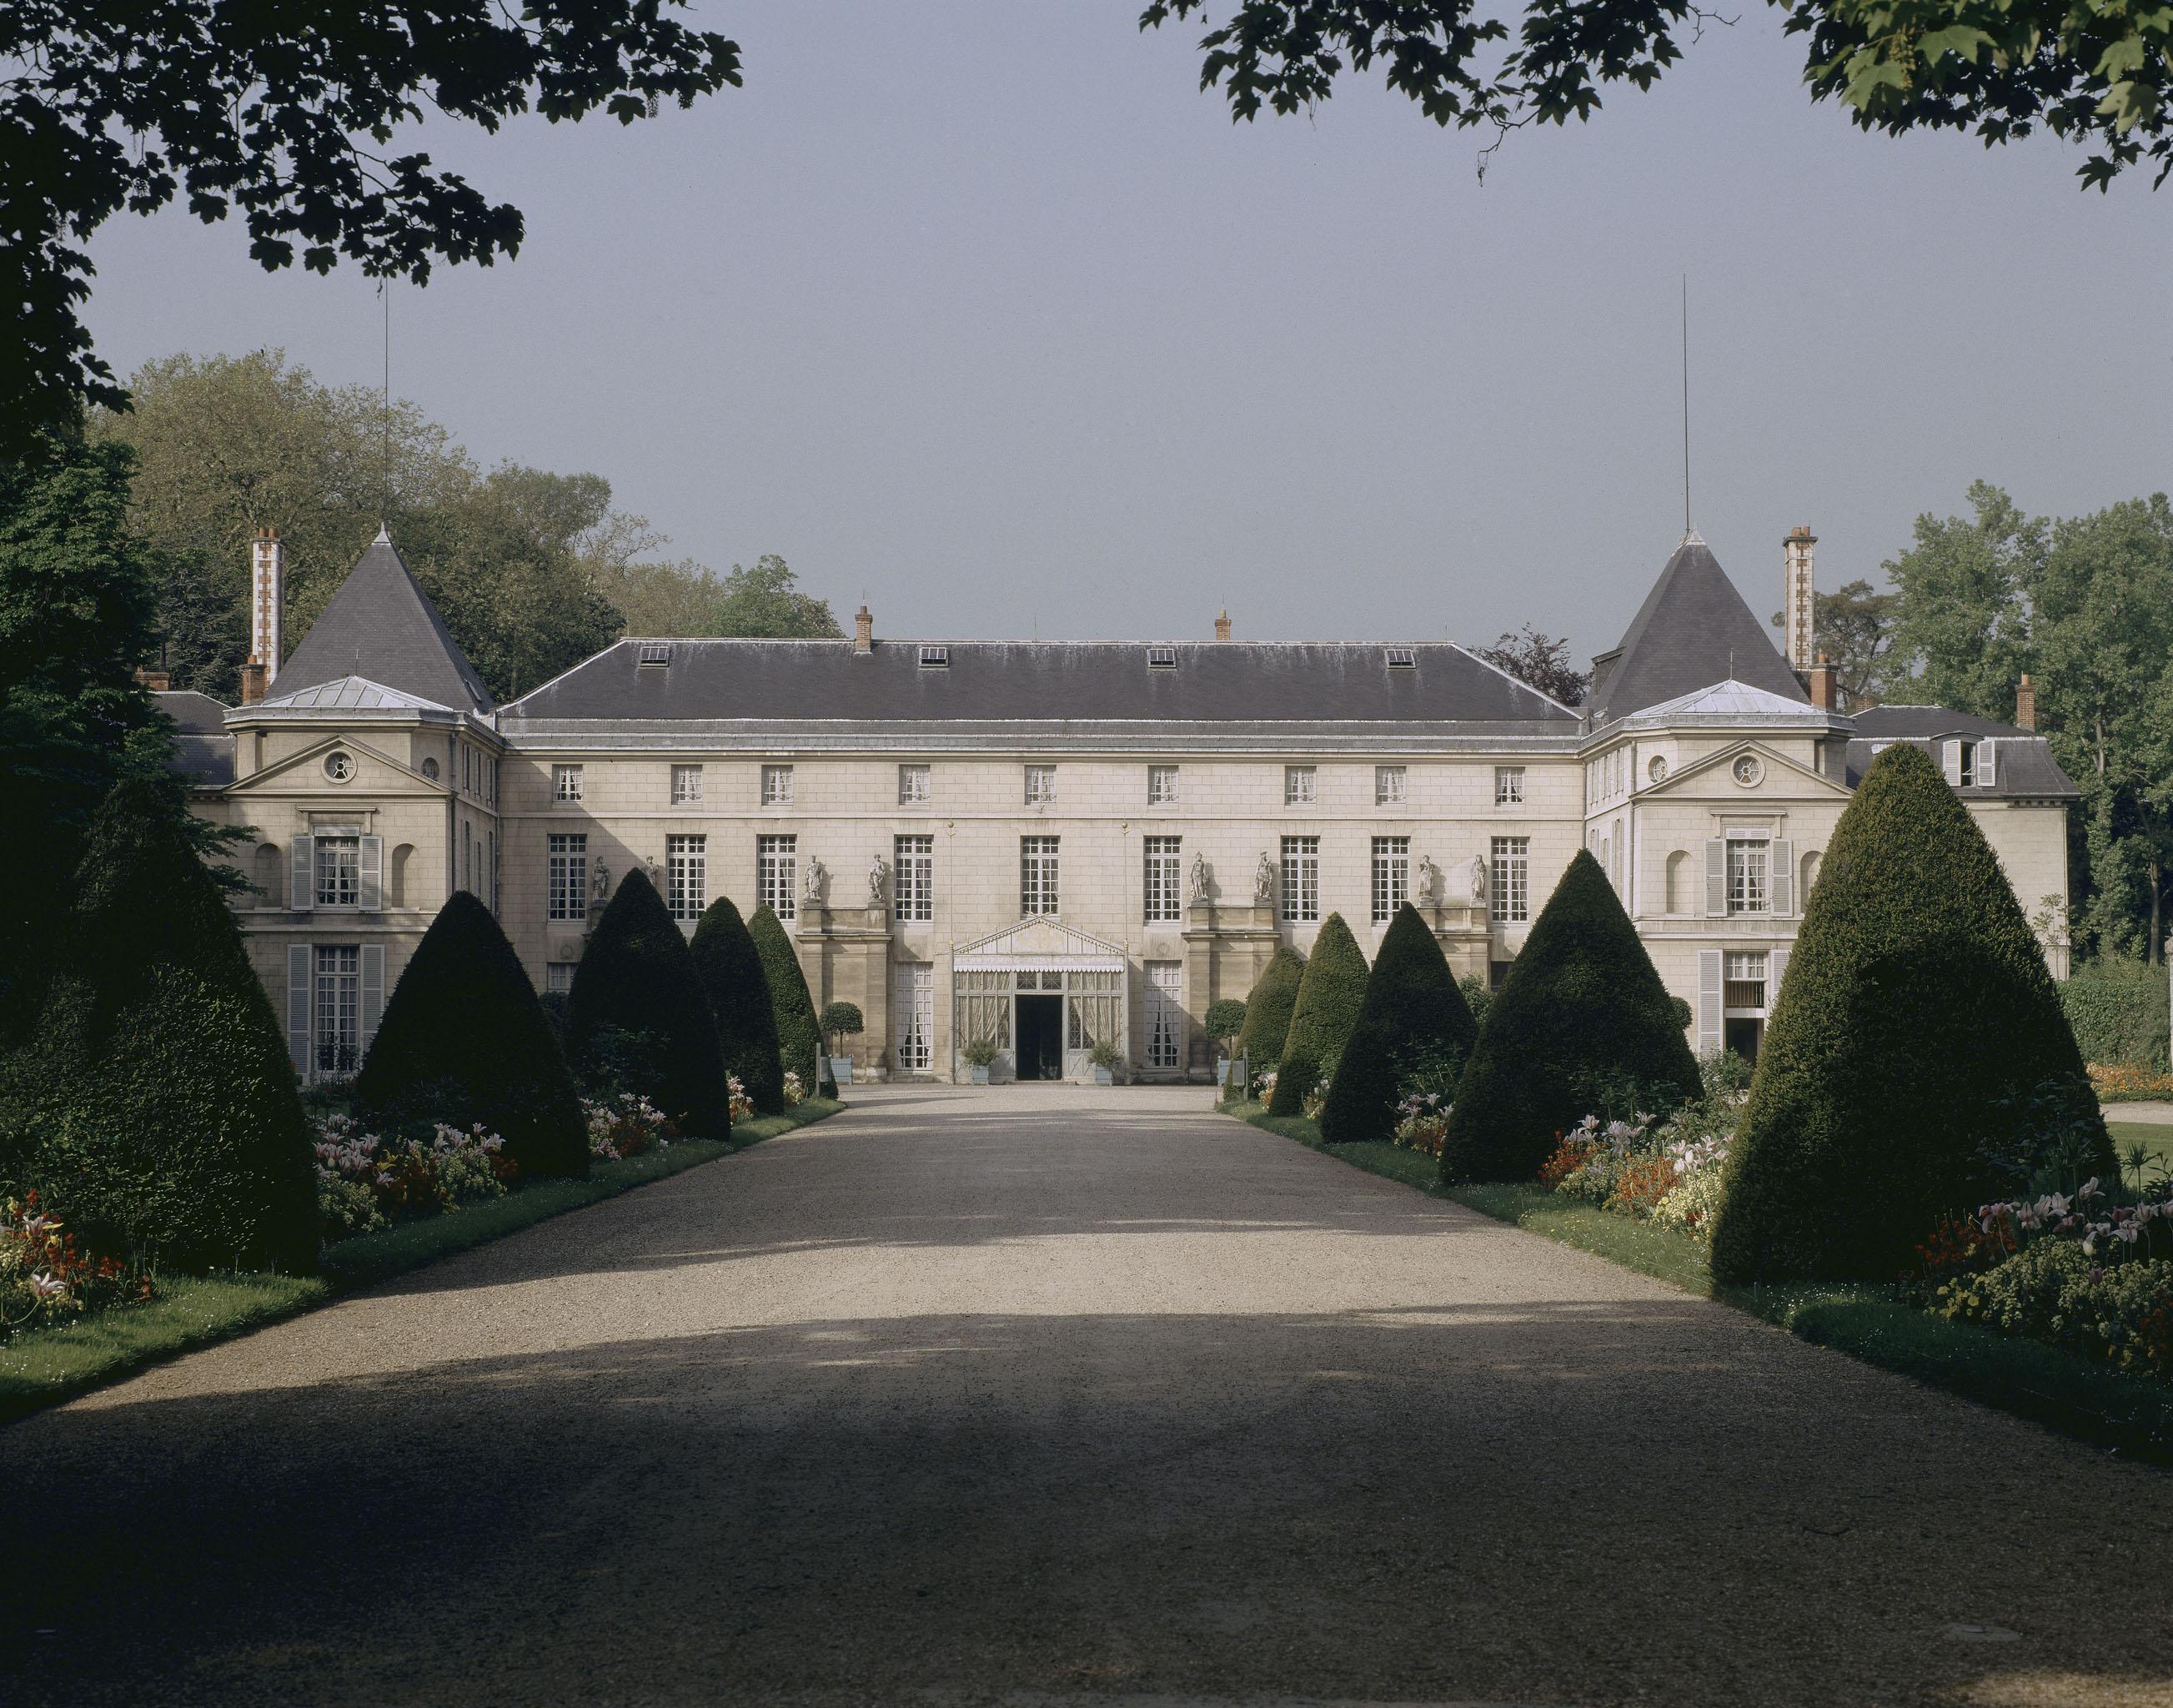 Tour de france des mus es nationaux ch teaux de malmaison et bois pr au rmn grand palais - Boutique des musees nationaux ...